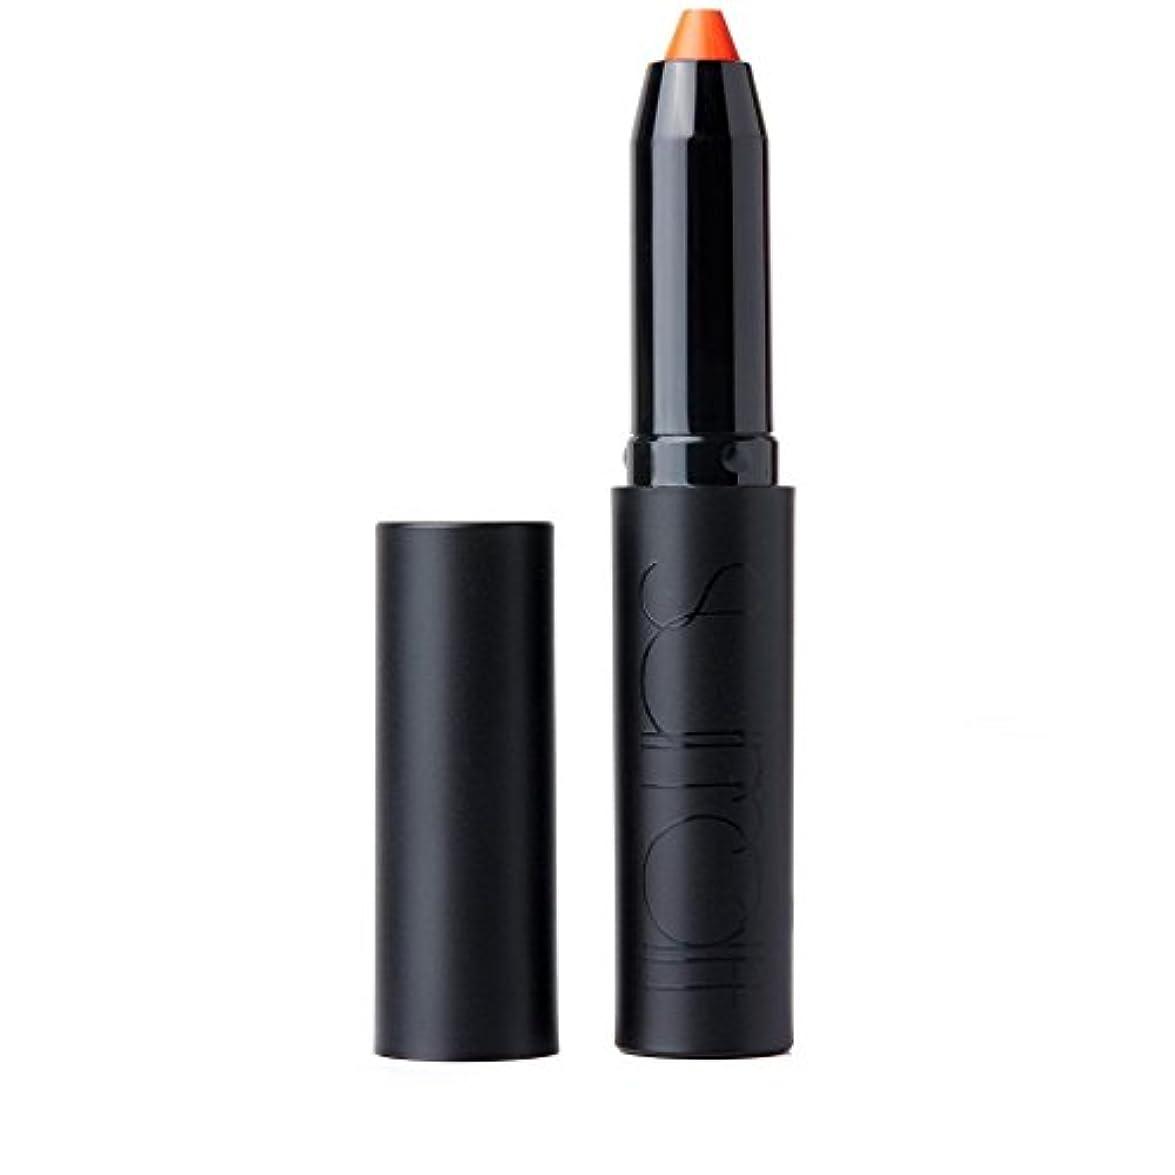 タンク道路を作るプロセストランザクションリップクレヨン11クレメンタイン x4 - Surratt Lip Crayon 11 Clementine (Pack of 4) [並行輸入品]